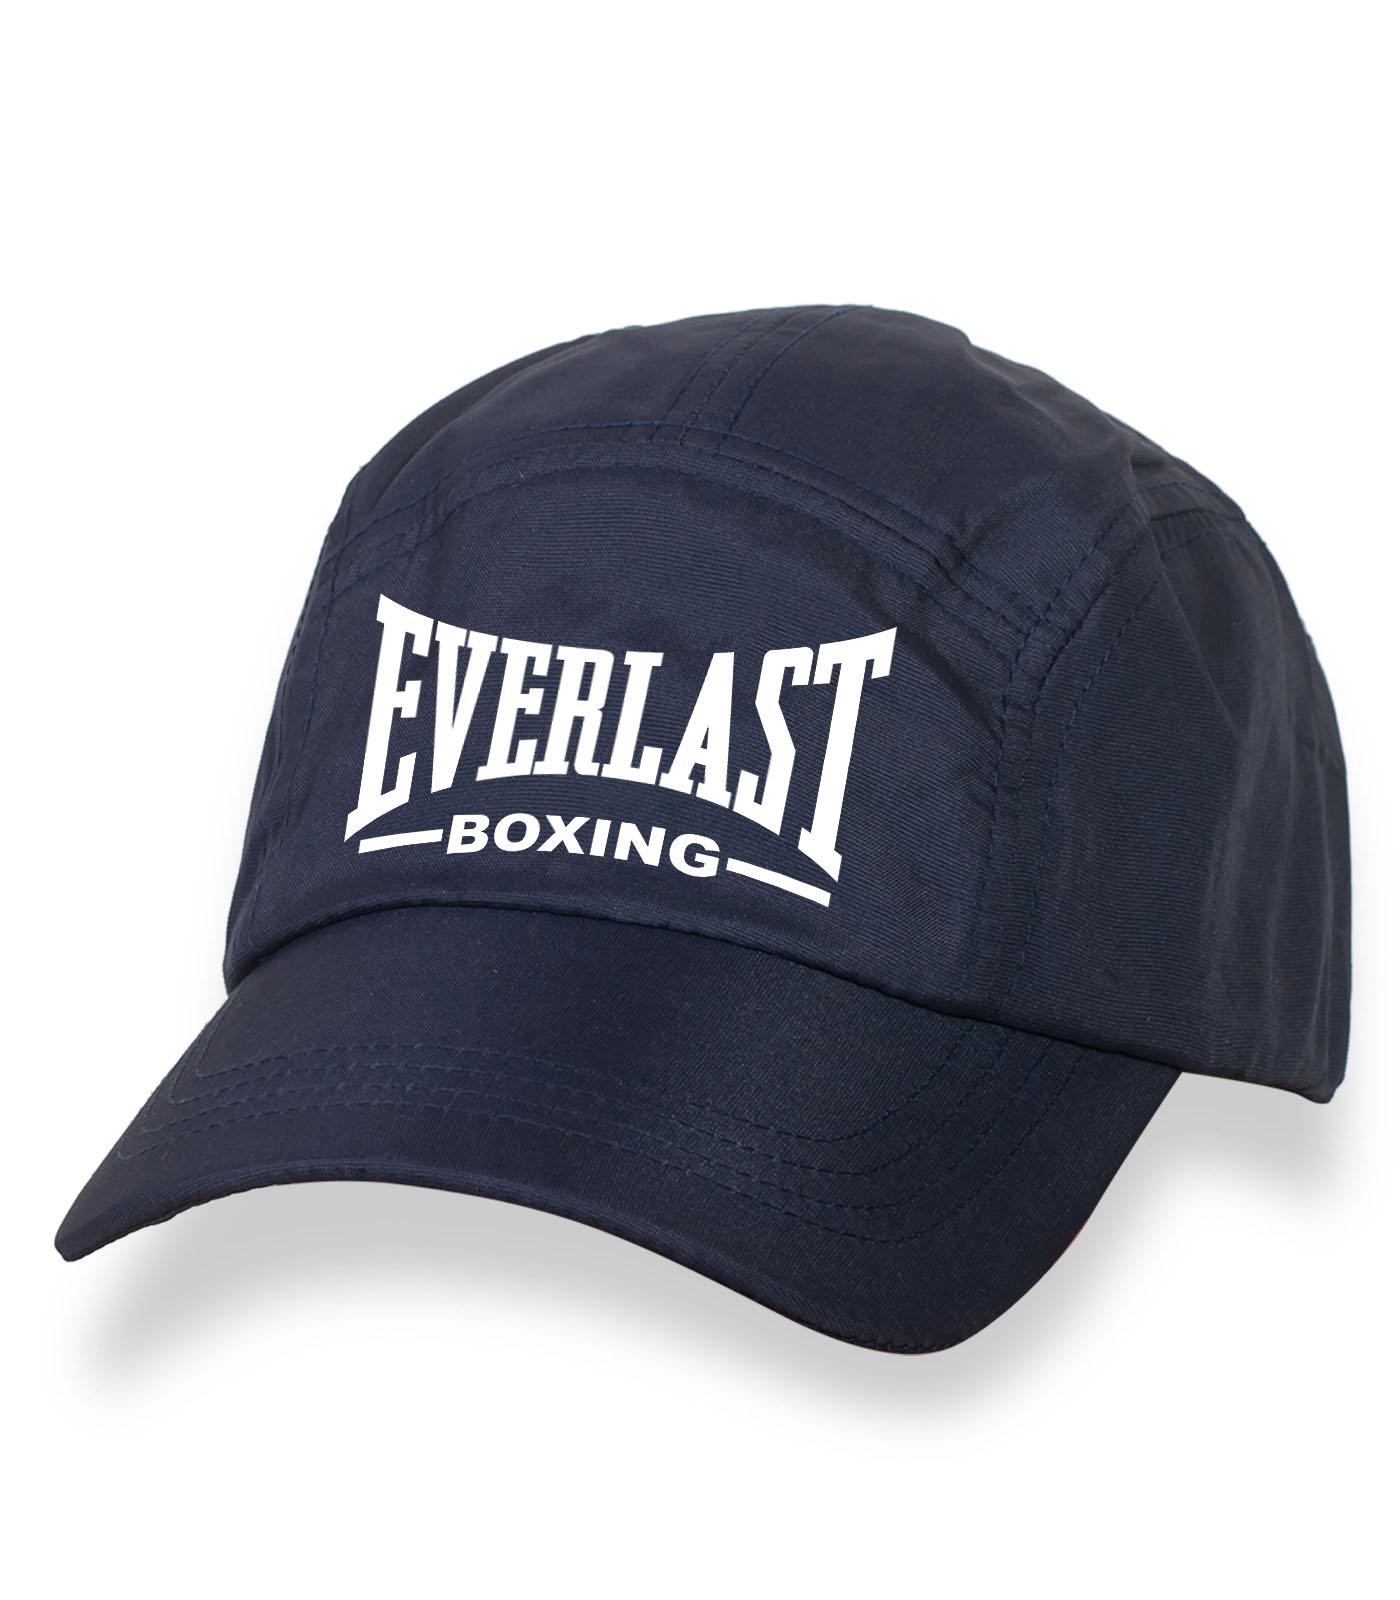 Крутая темная бейсболка с термонаклейкой Everlast Boxing